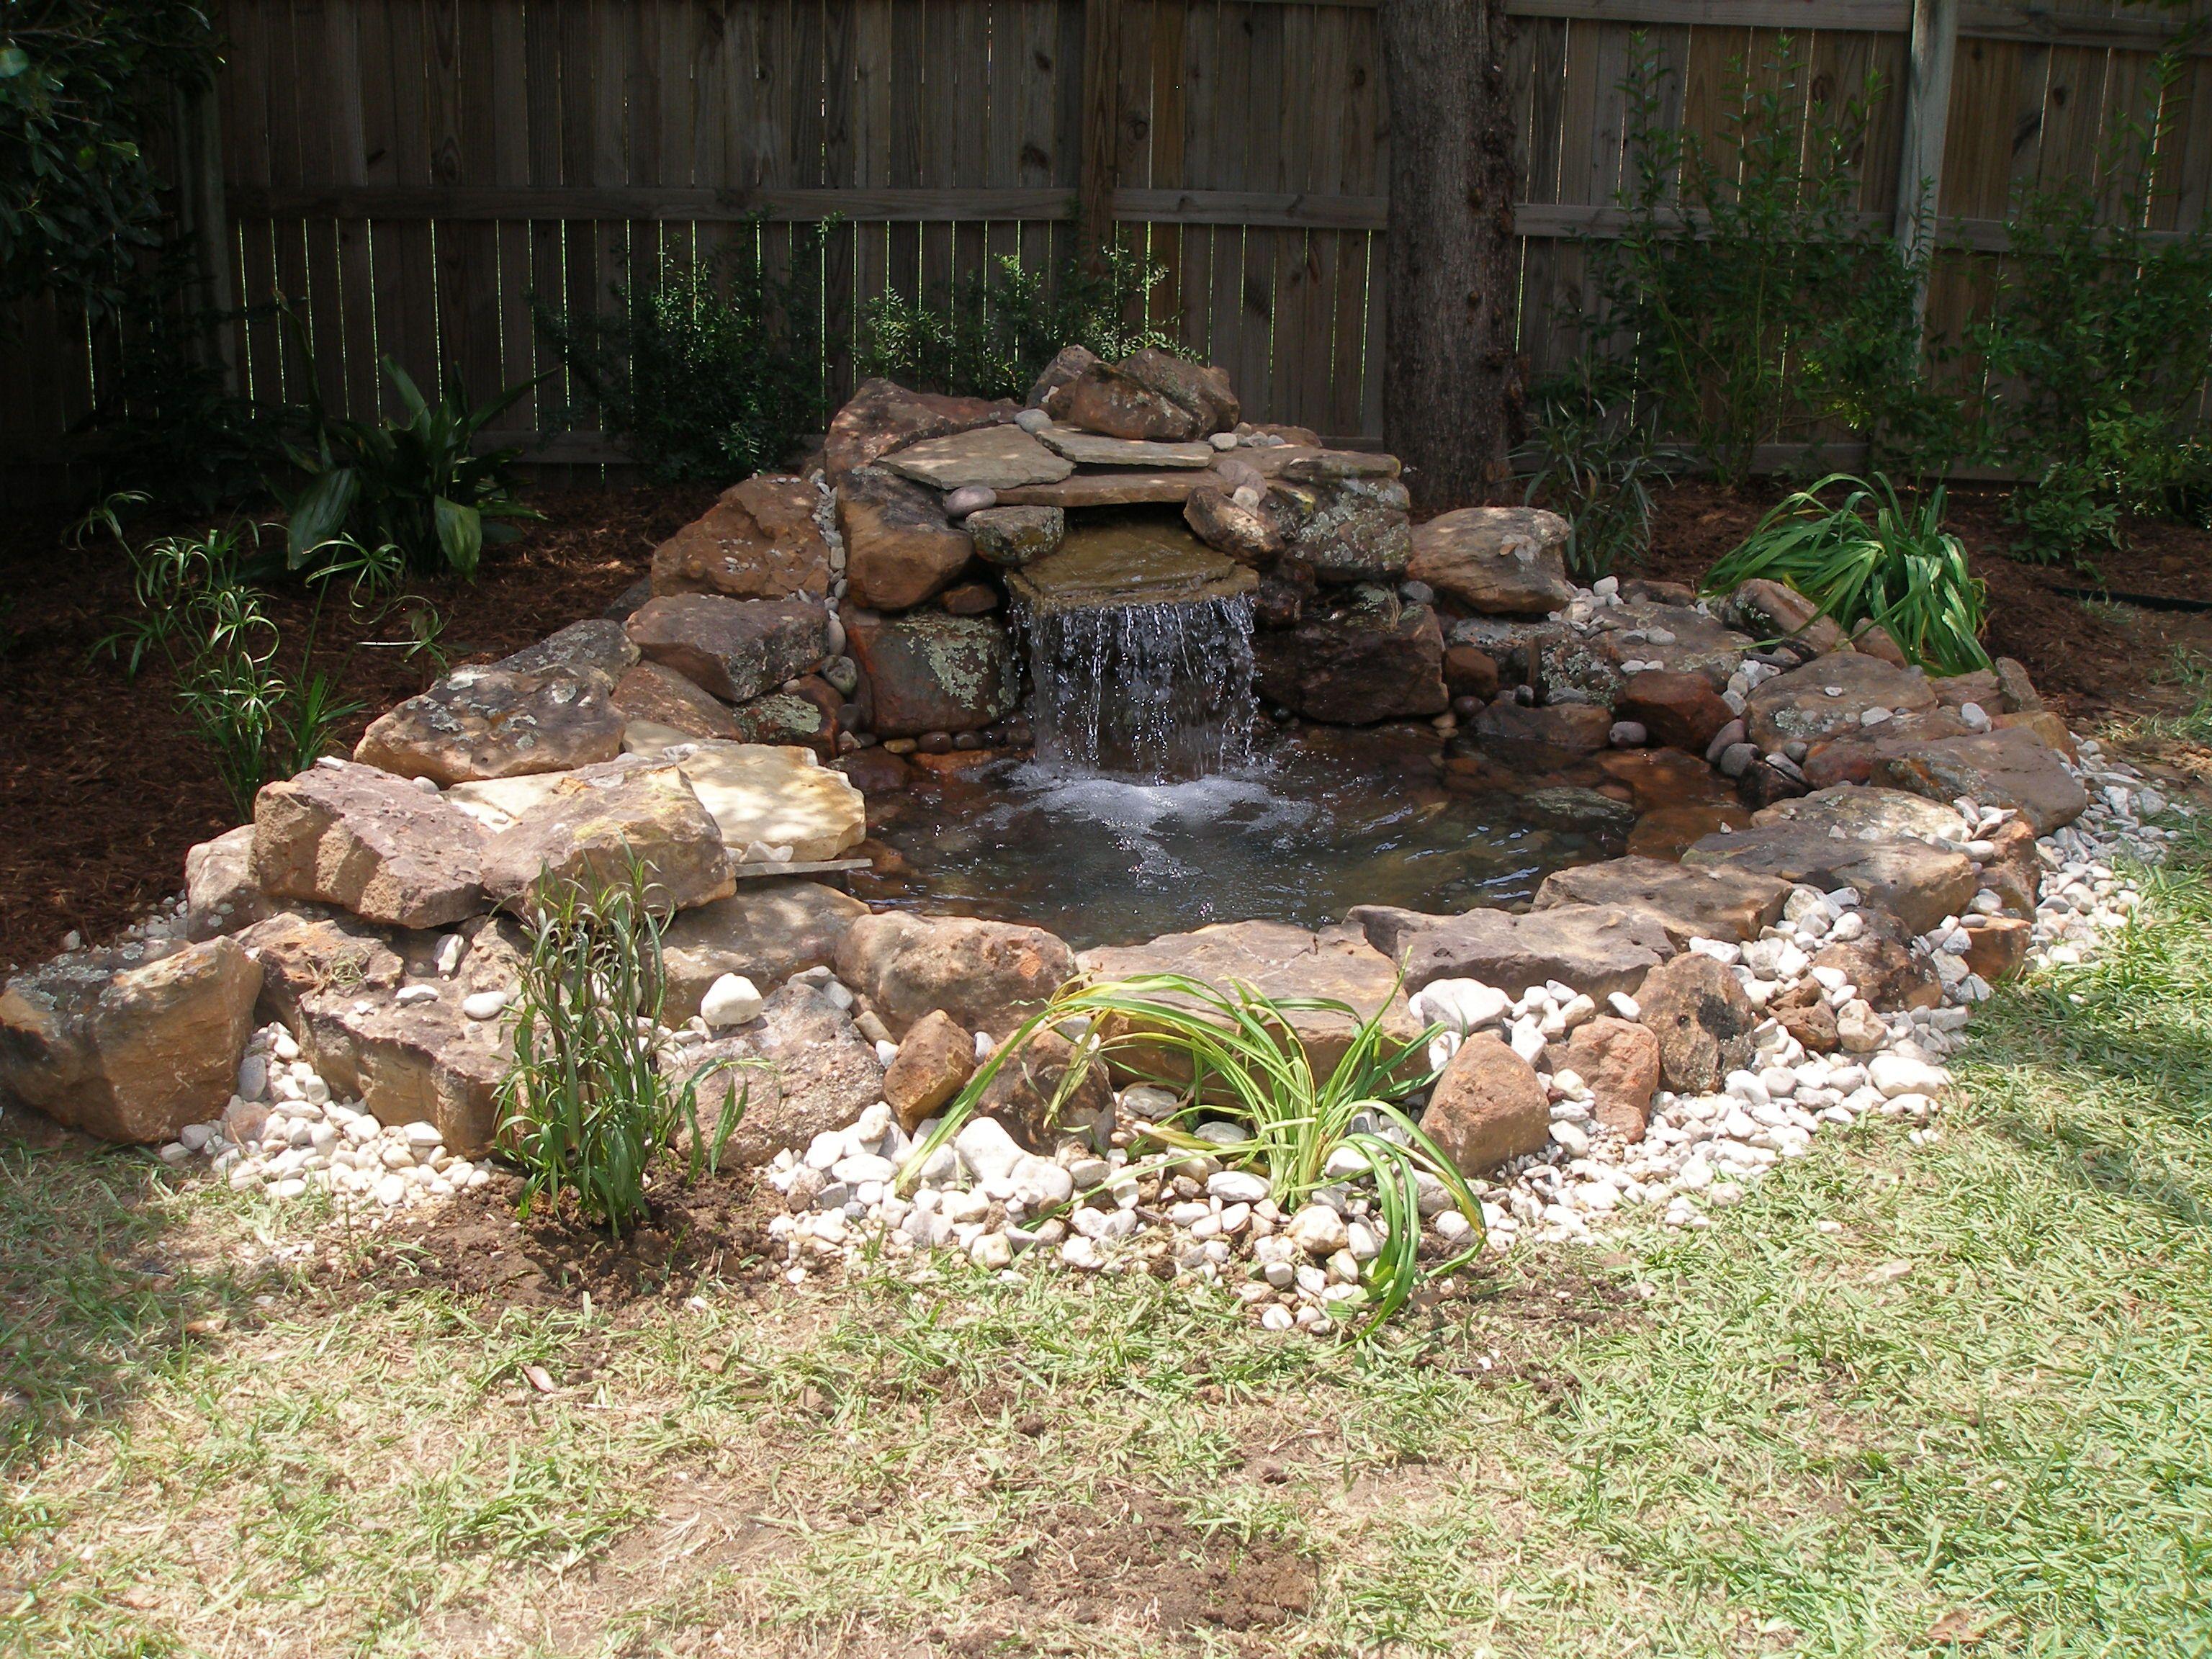 Anspruchsvoll Ideen Für Kleinen Gartenteich Referenz Von Pond With Waterfall, By Baldigardens · Kleine